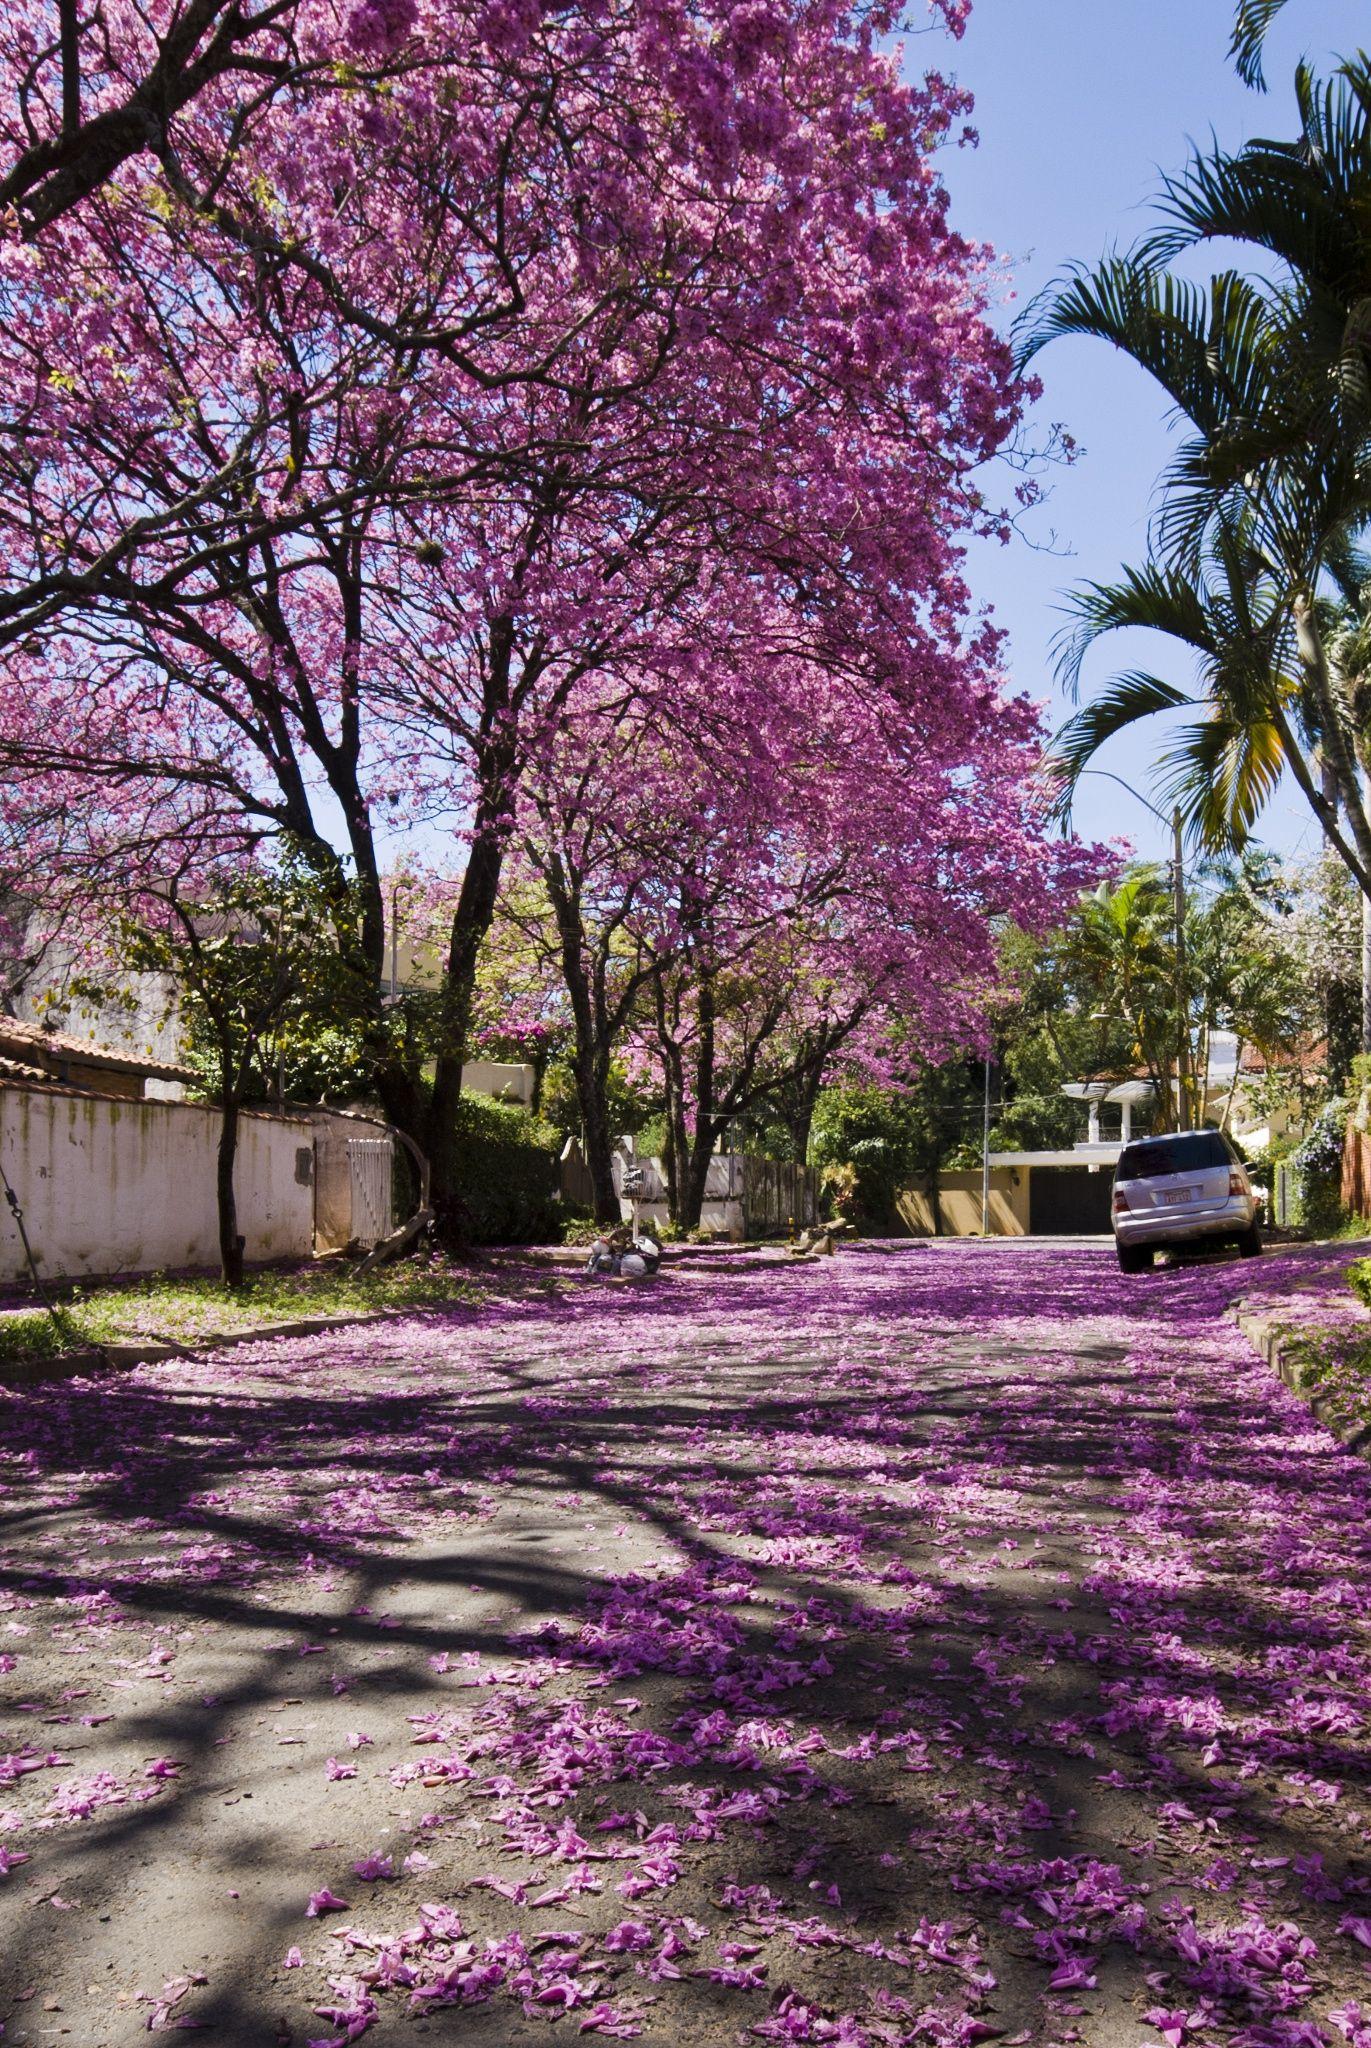 Lapachos Lane Cool Places To Visit Places To Visit Paraguay